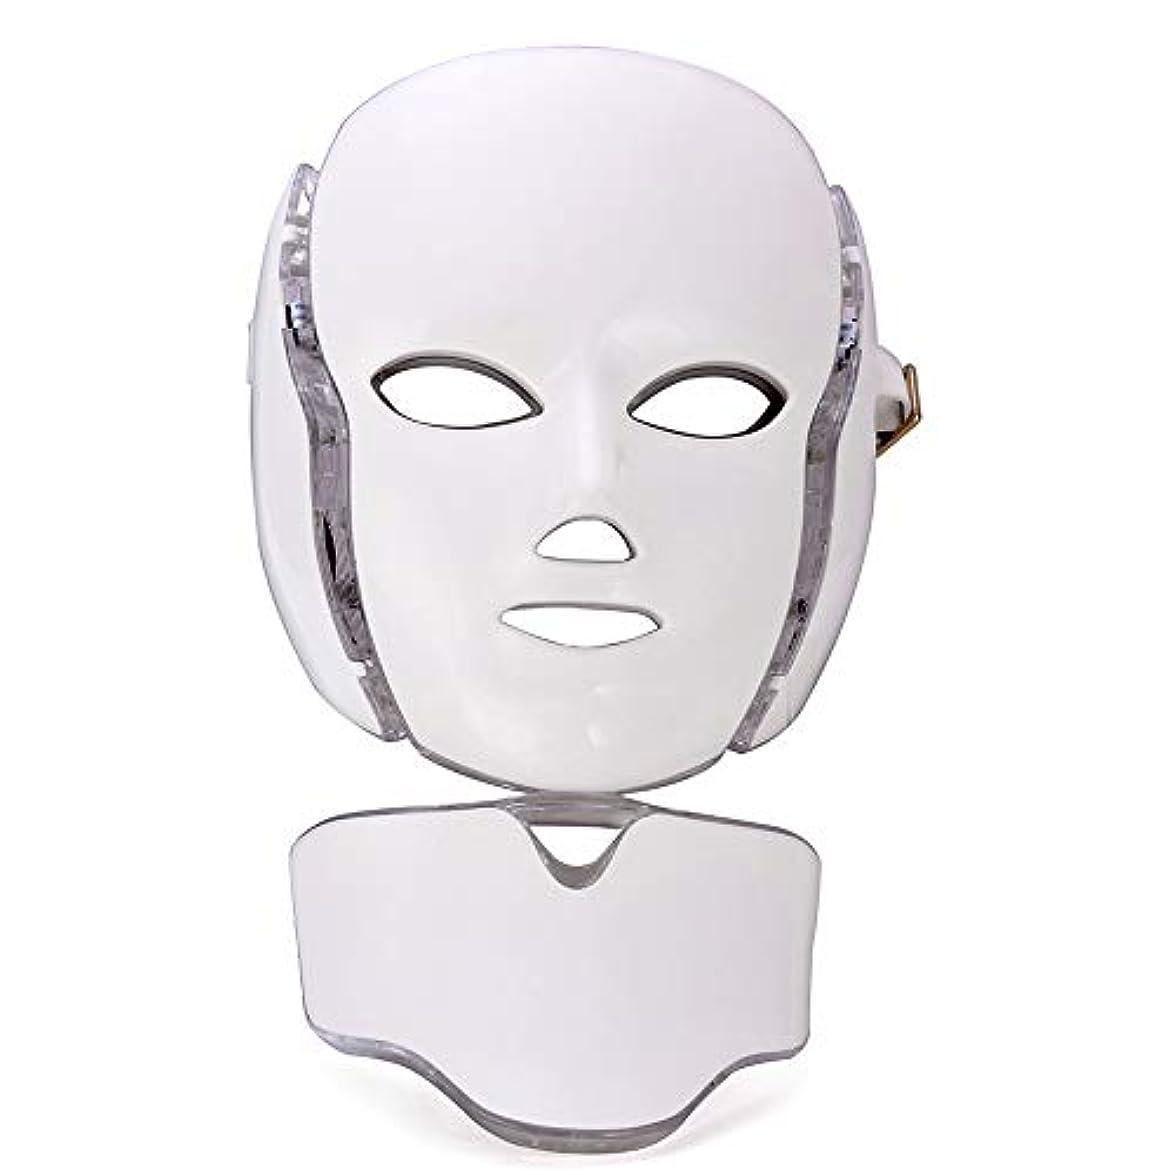 確立風刺つまずくLED フェイスマスク、顔の美しさスキンケアマスク光子療法のための皮膚若返り抗老化しわにきび健康肌若返りコラーゲン